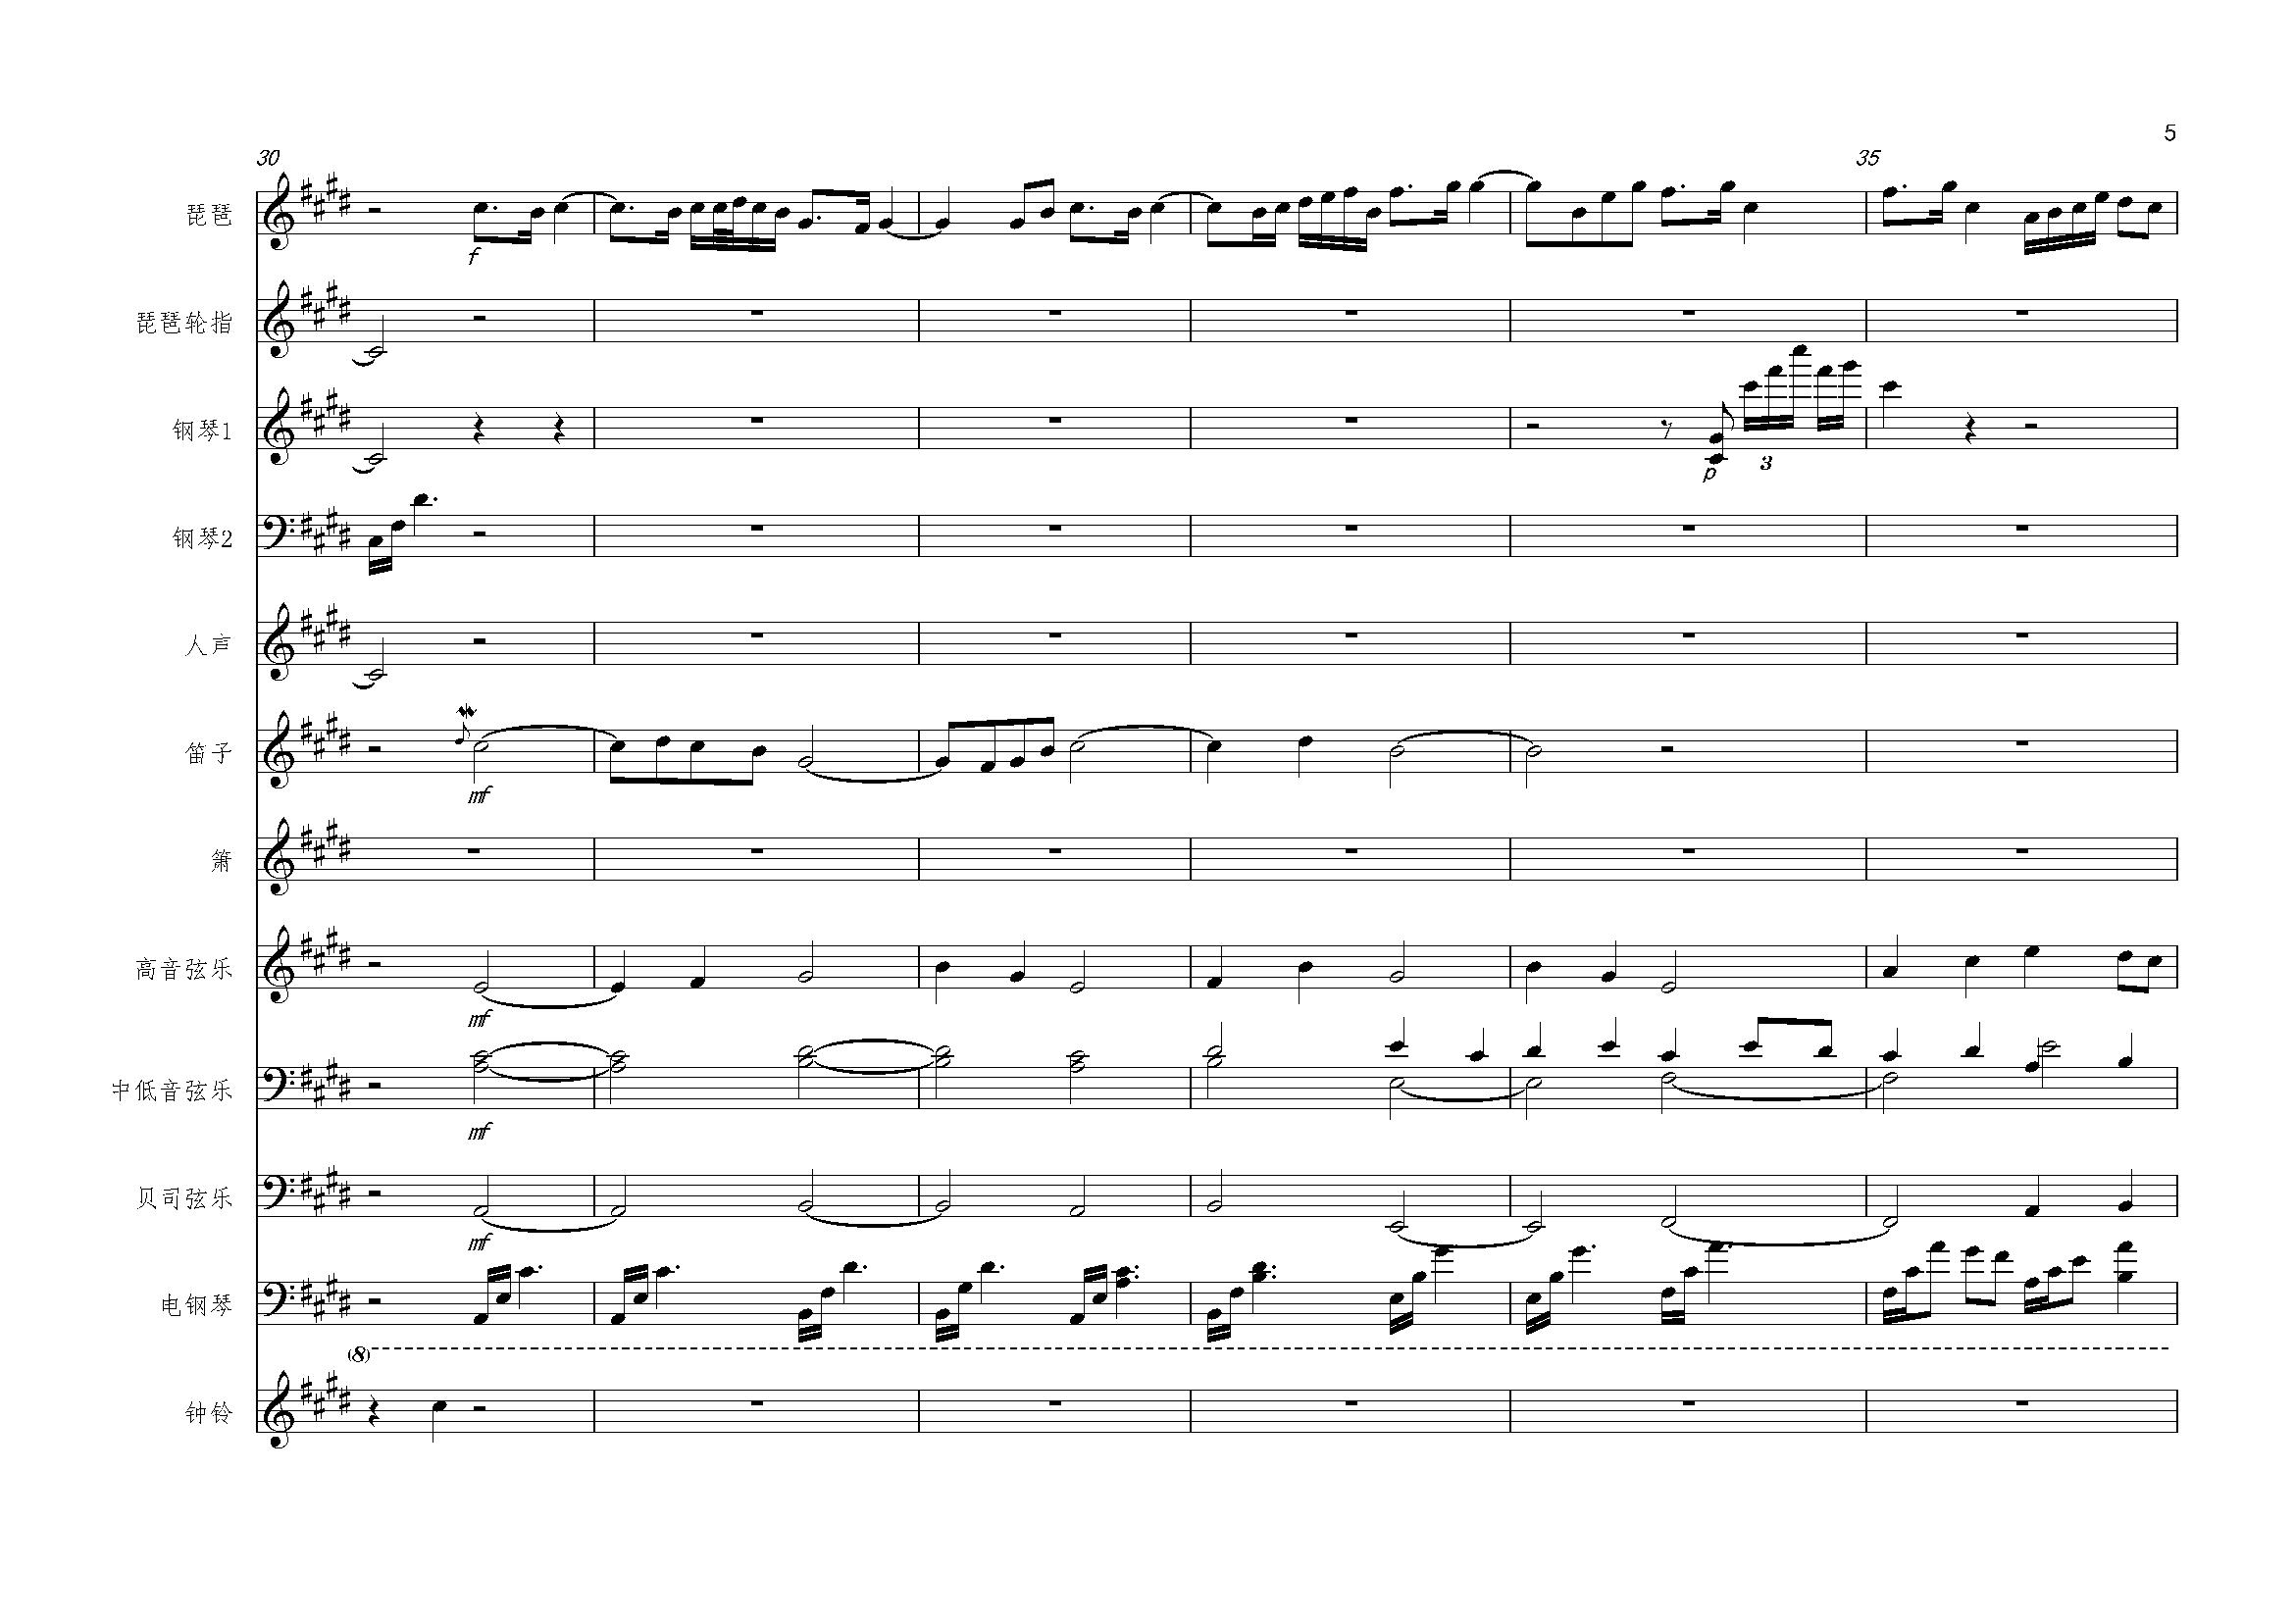 琵琶语钢琴谱 第5页